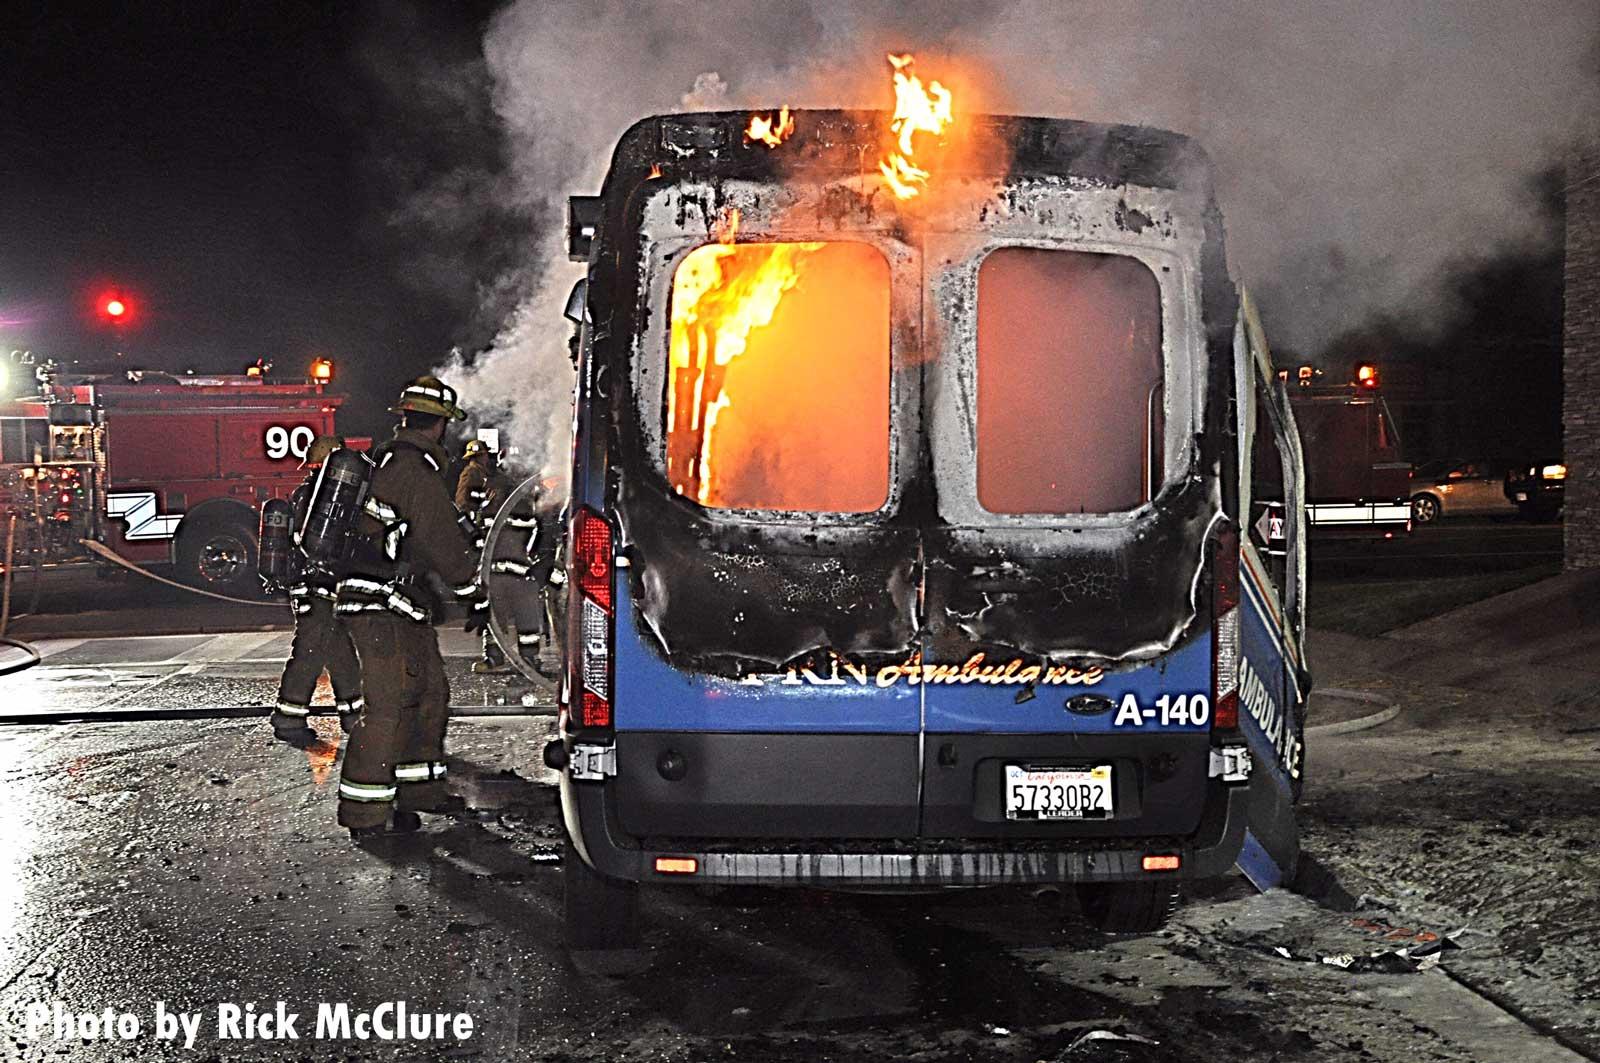 Flames rip through an ambulance in California